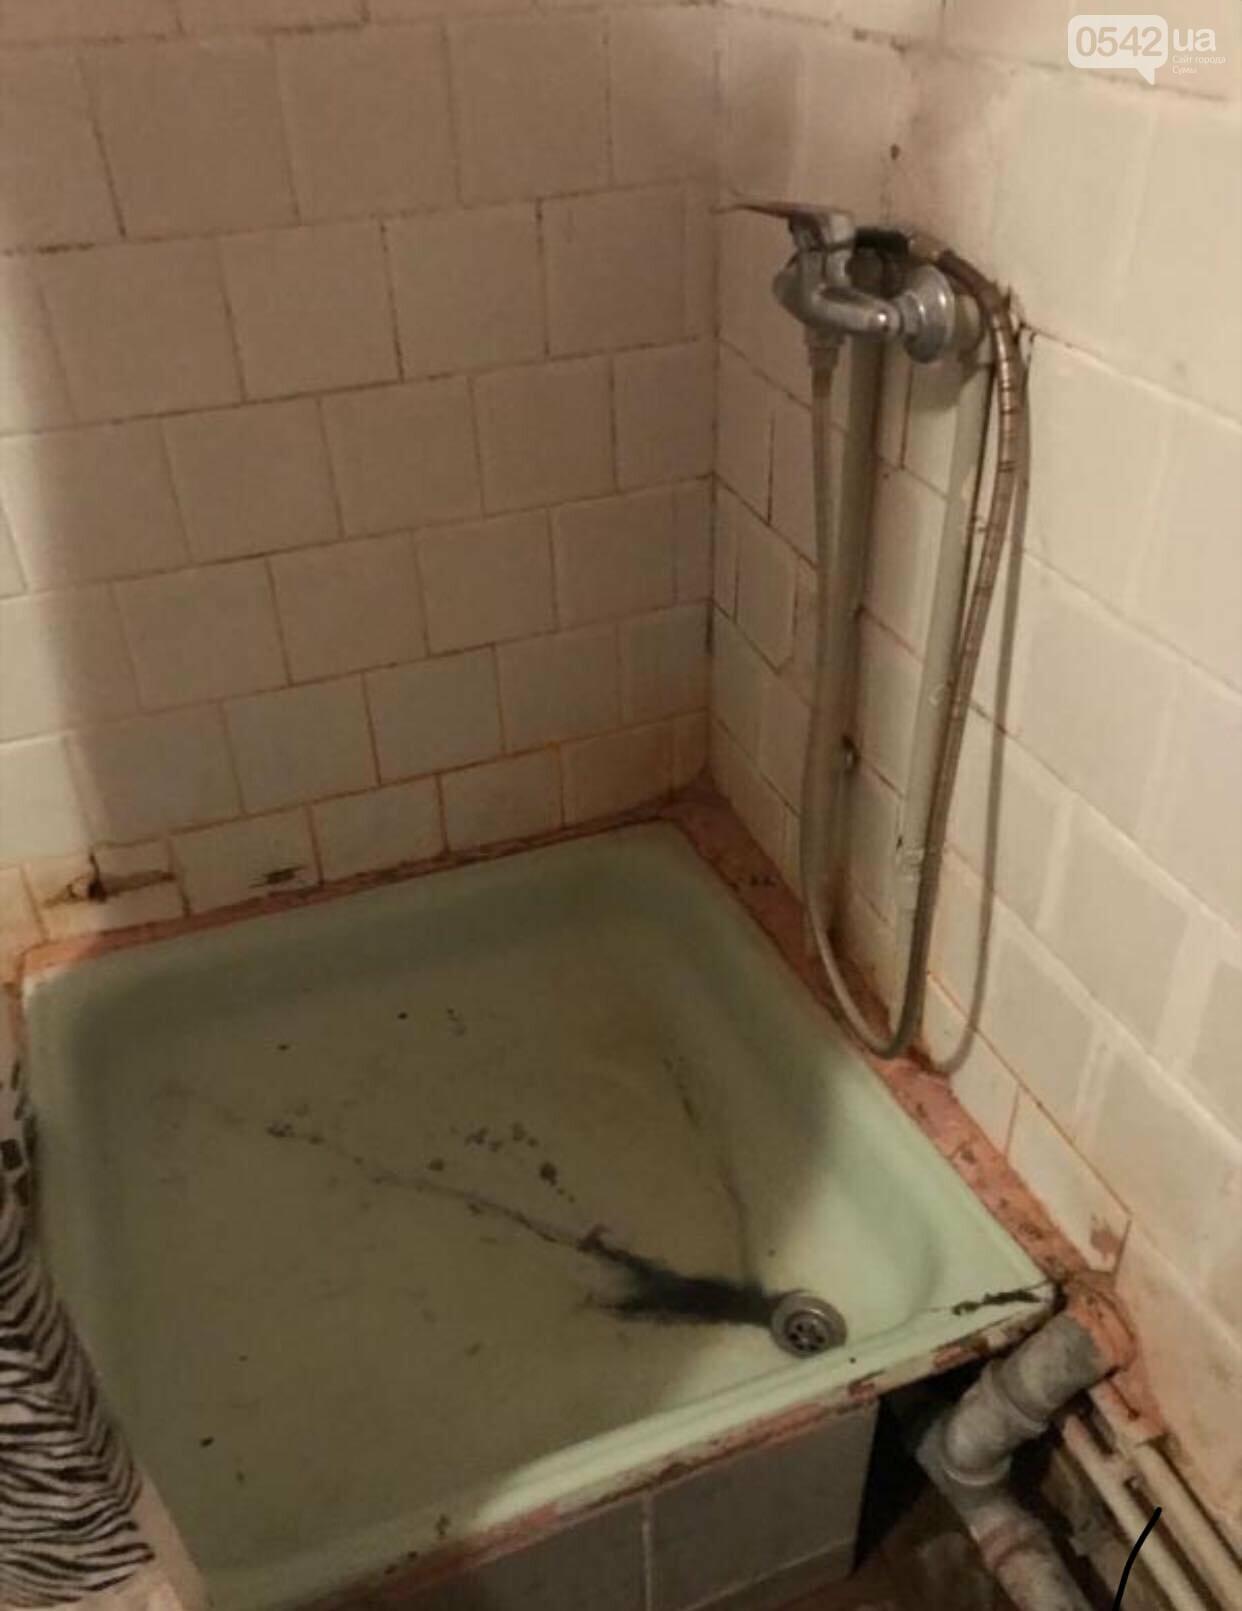 Кімната для ванних процедур в дитячій обласній лікарні в жахливому стані , фото-3